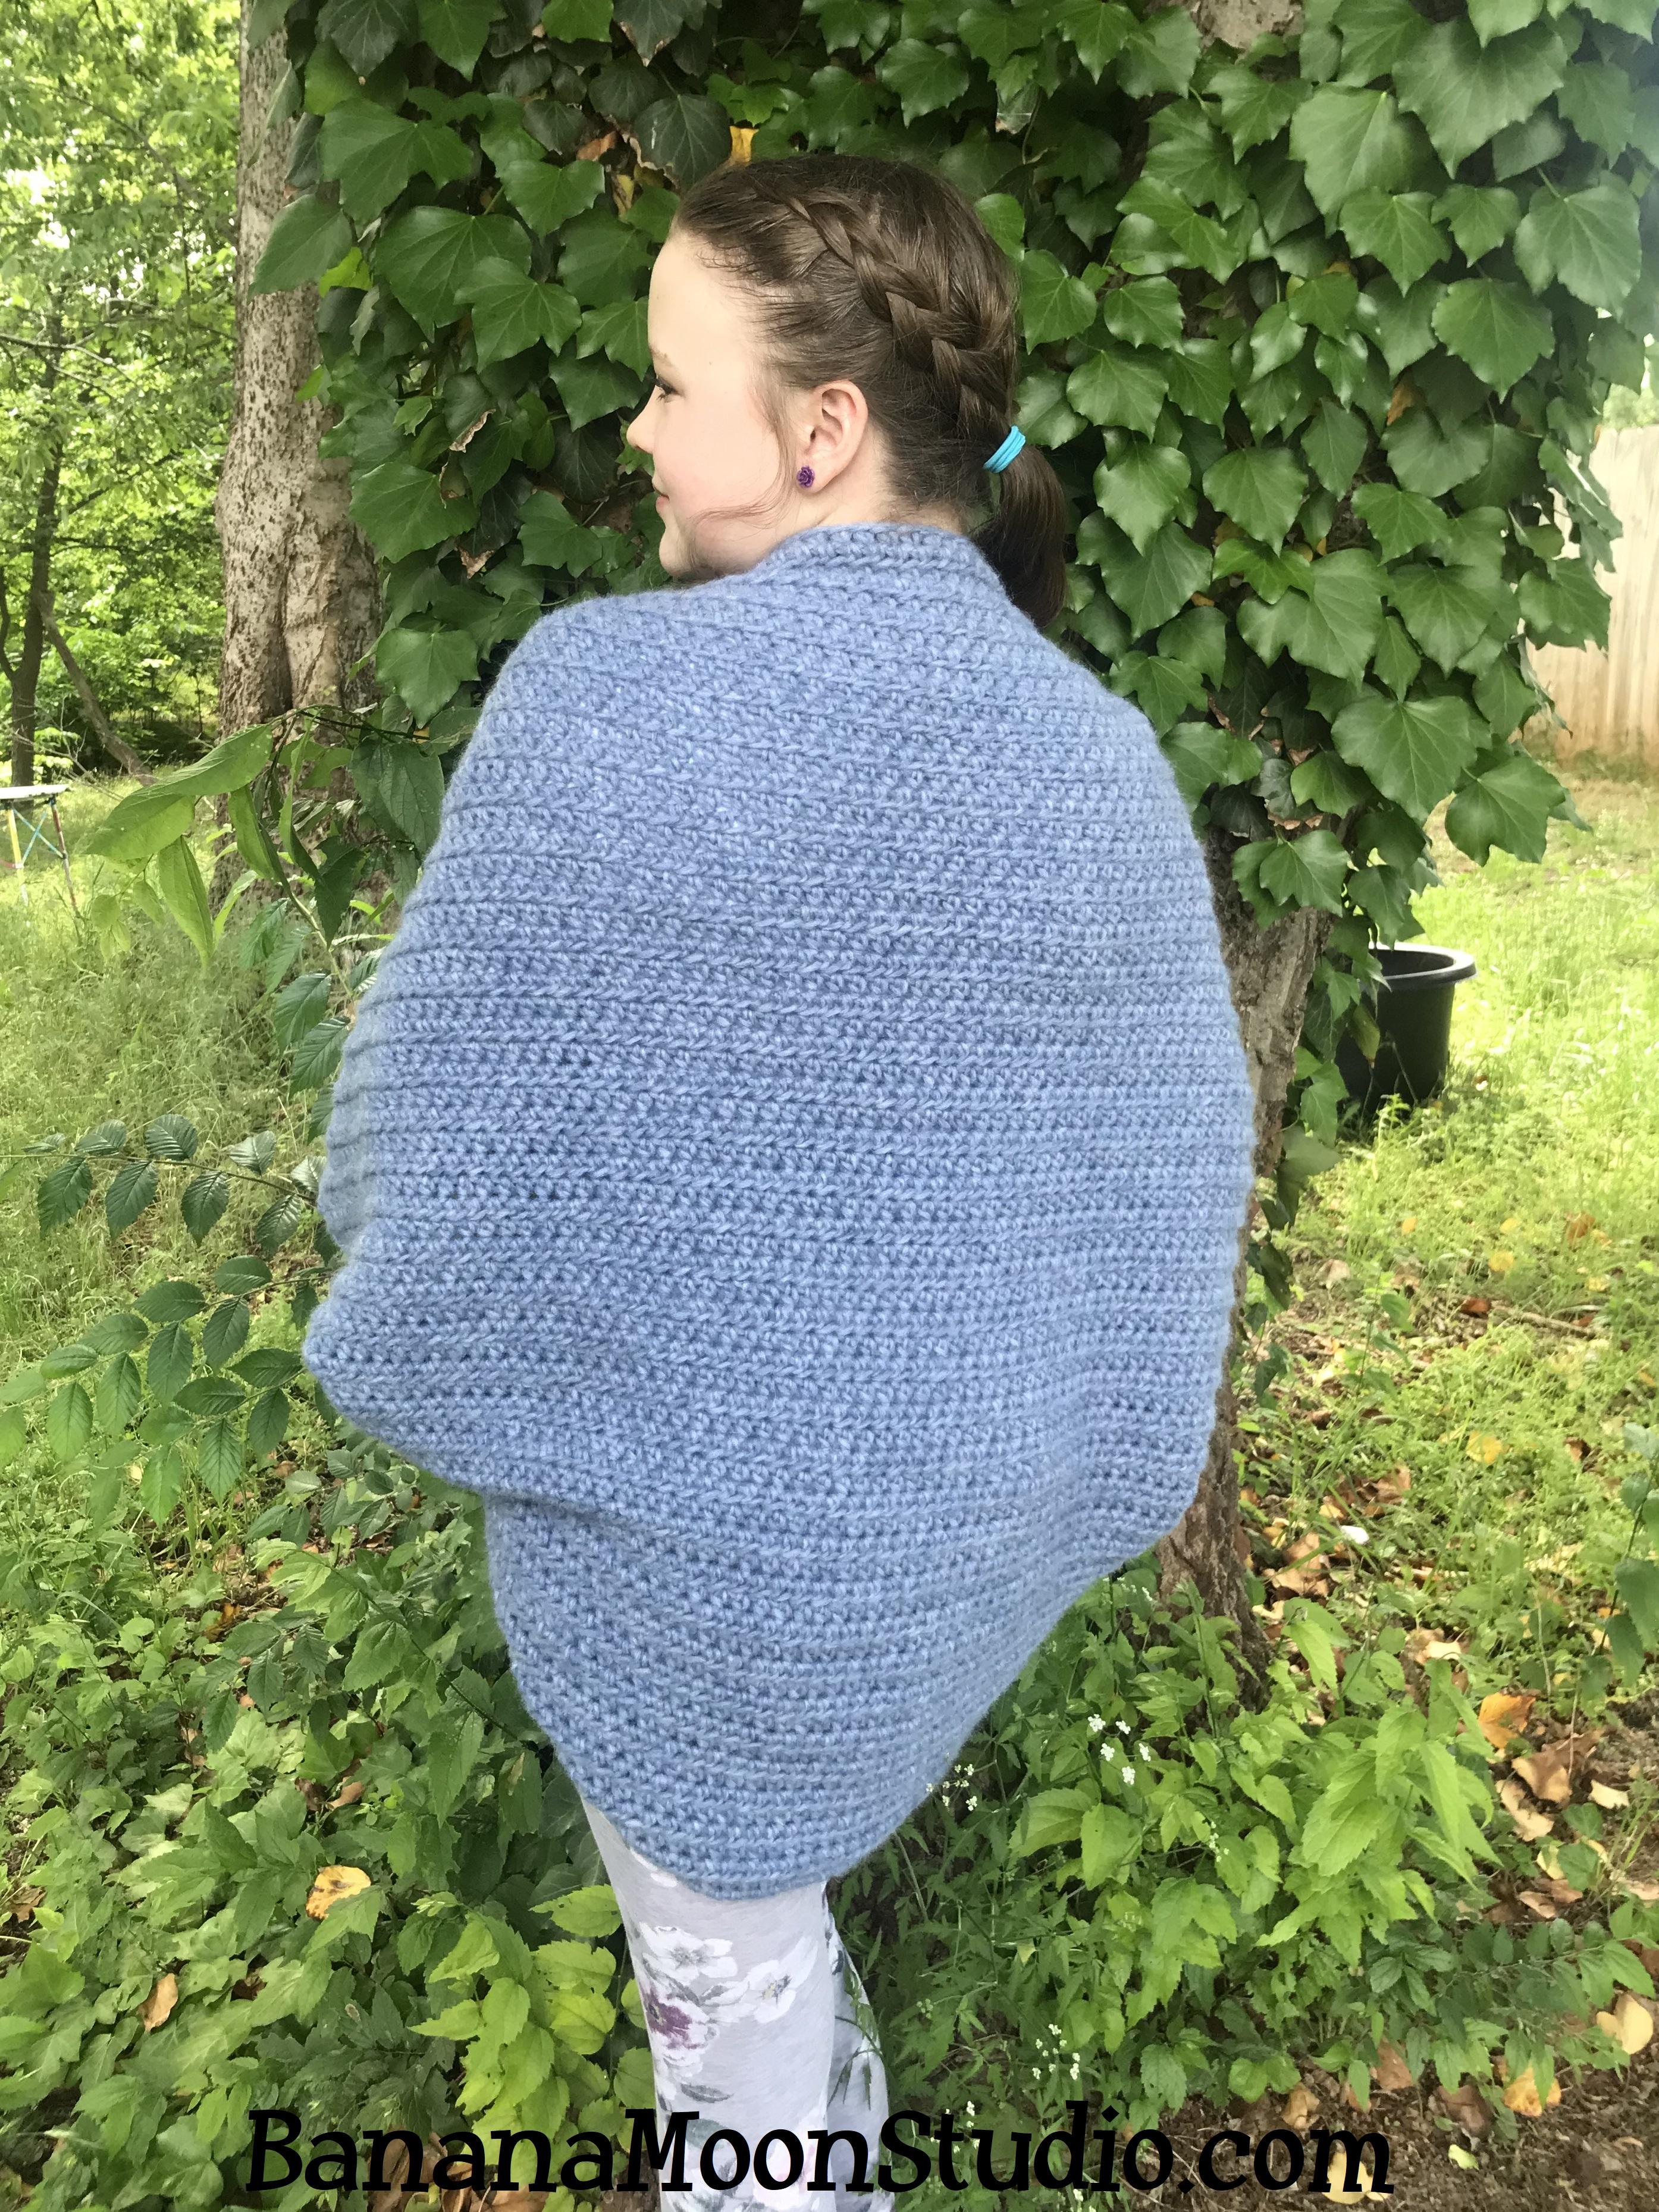 Free, easy crochet pattern for this women's blanket shrug, from Banana Moon Studio